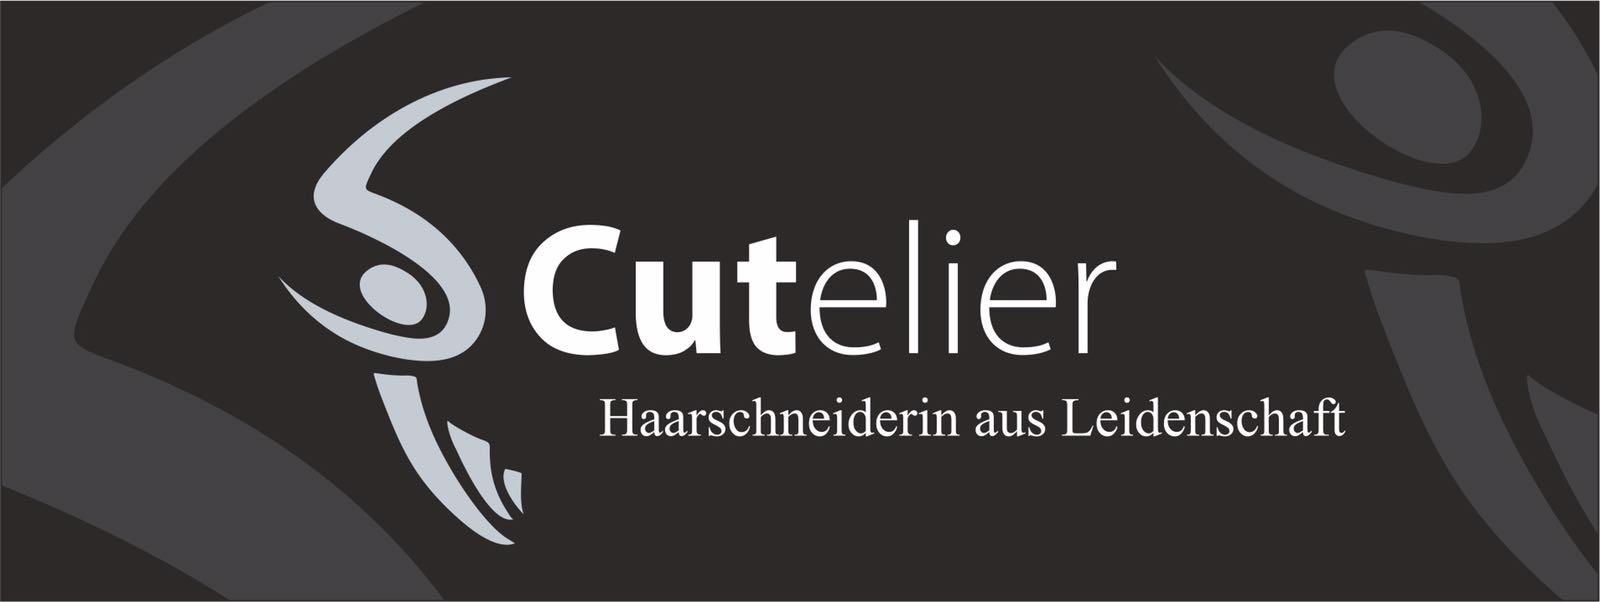 (c) Cutelier.de